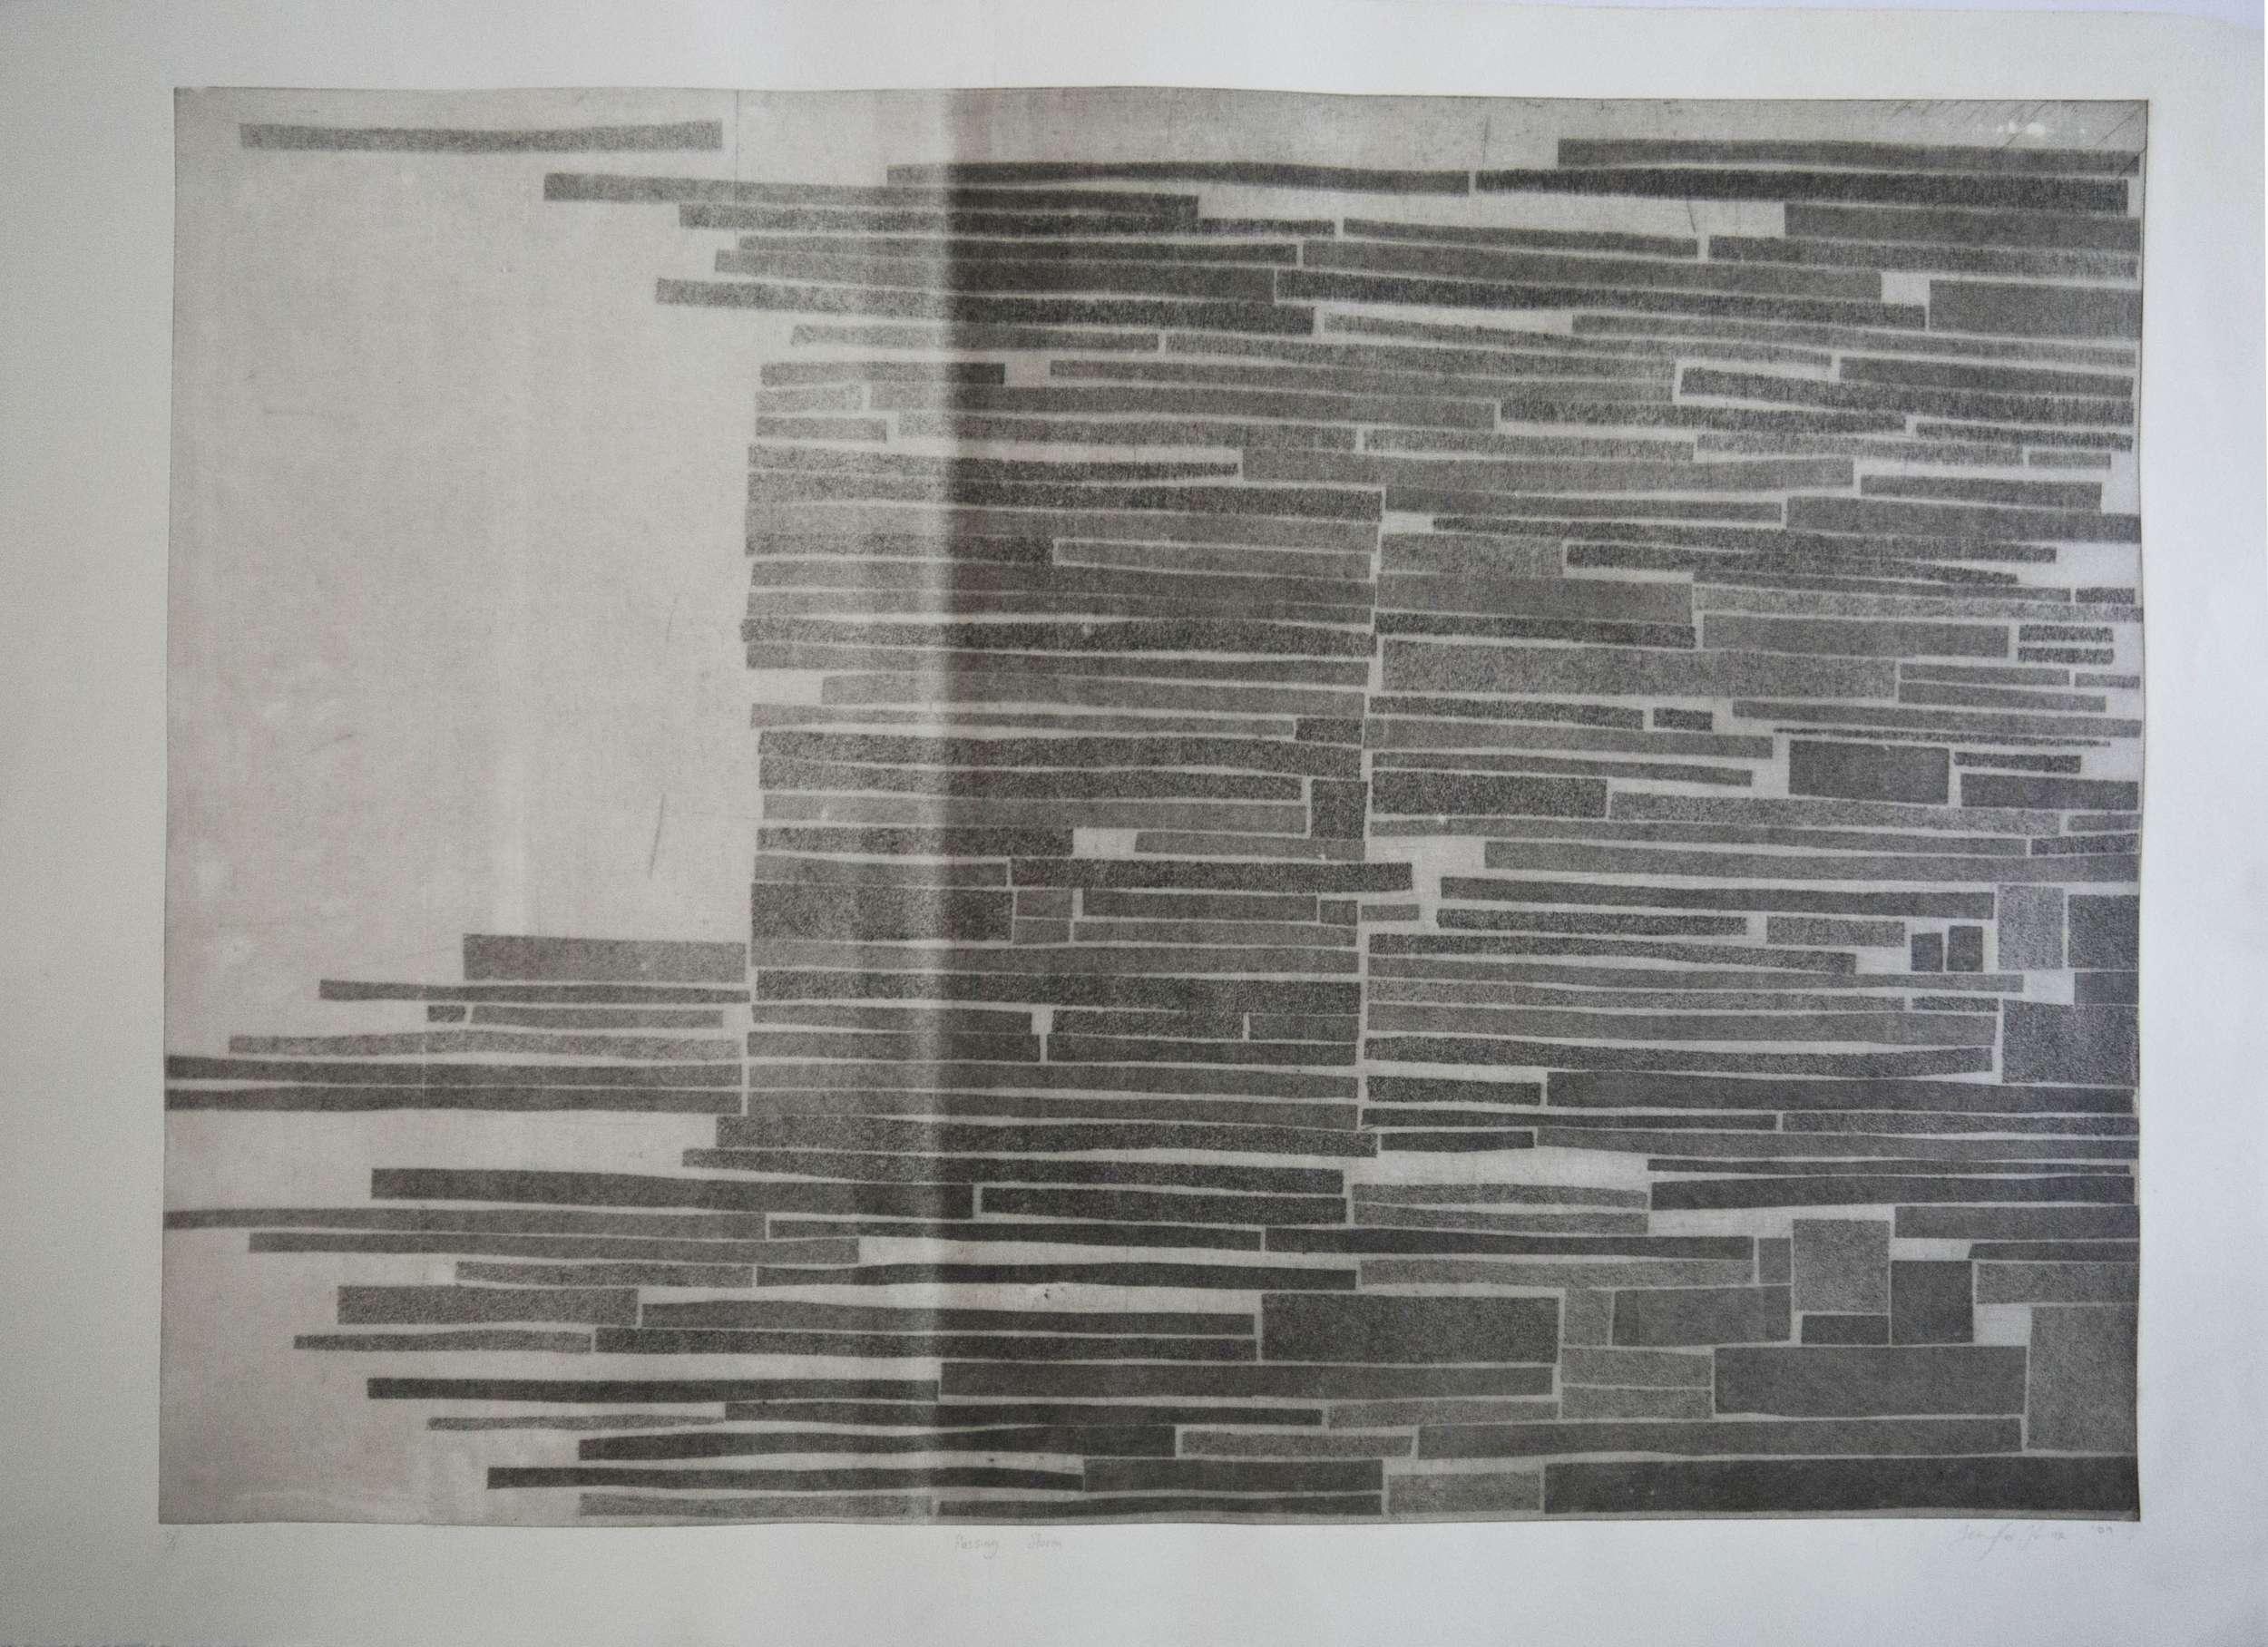 Code 32 BigSandpaperPrintExperiment Image